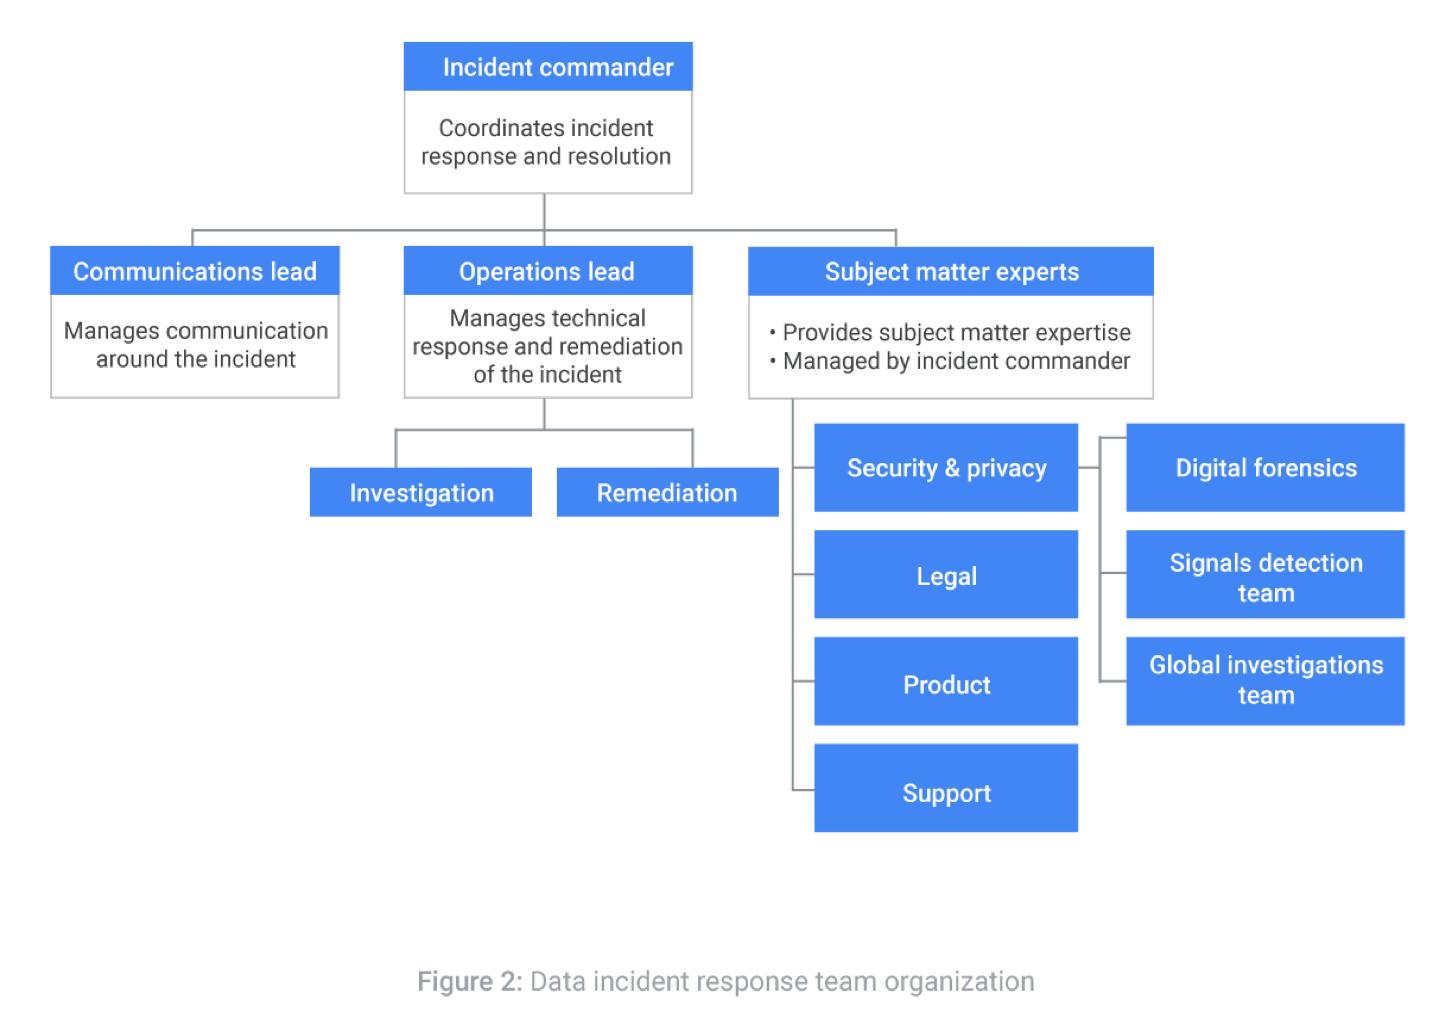 Organización del equipo de respuesta ante incidentes de datos